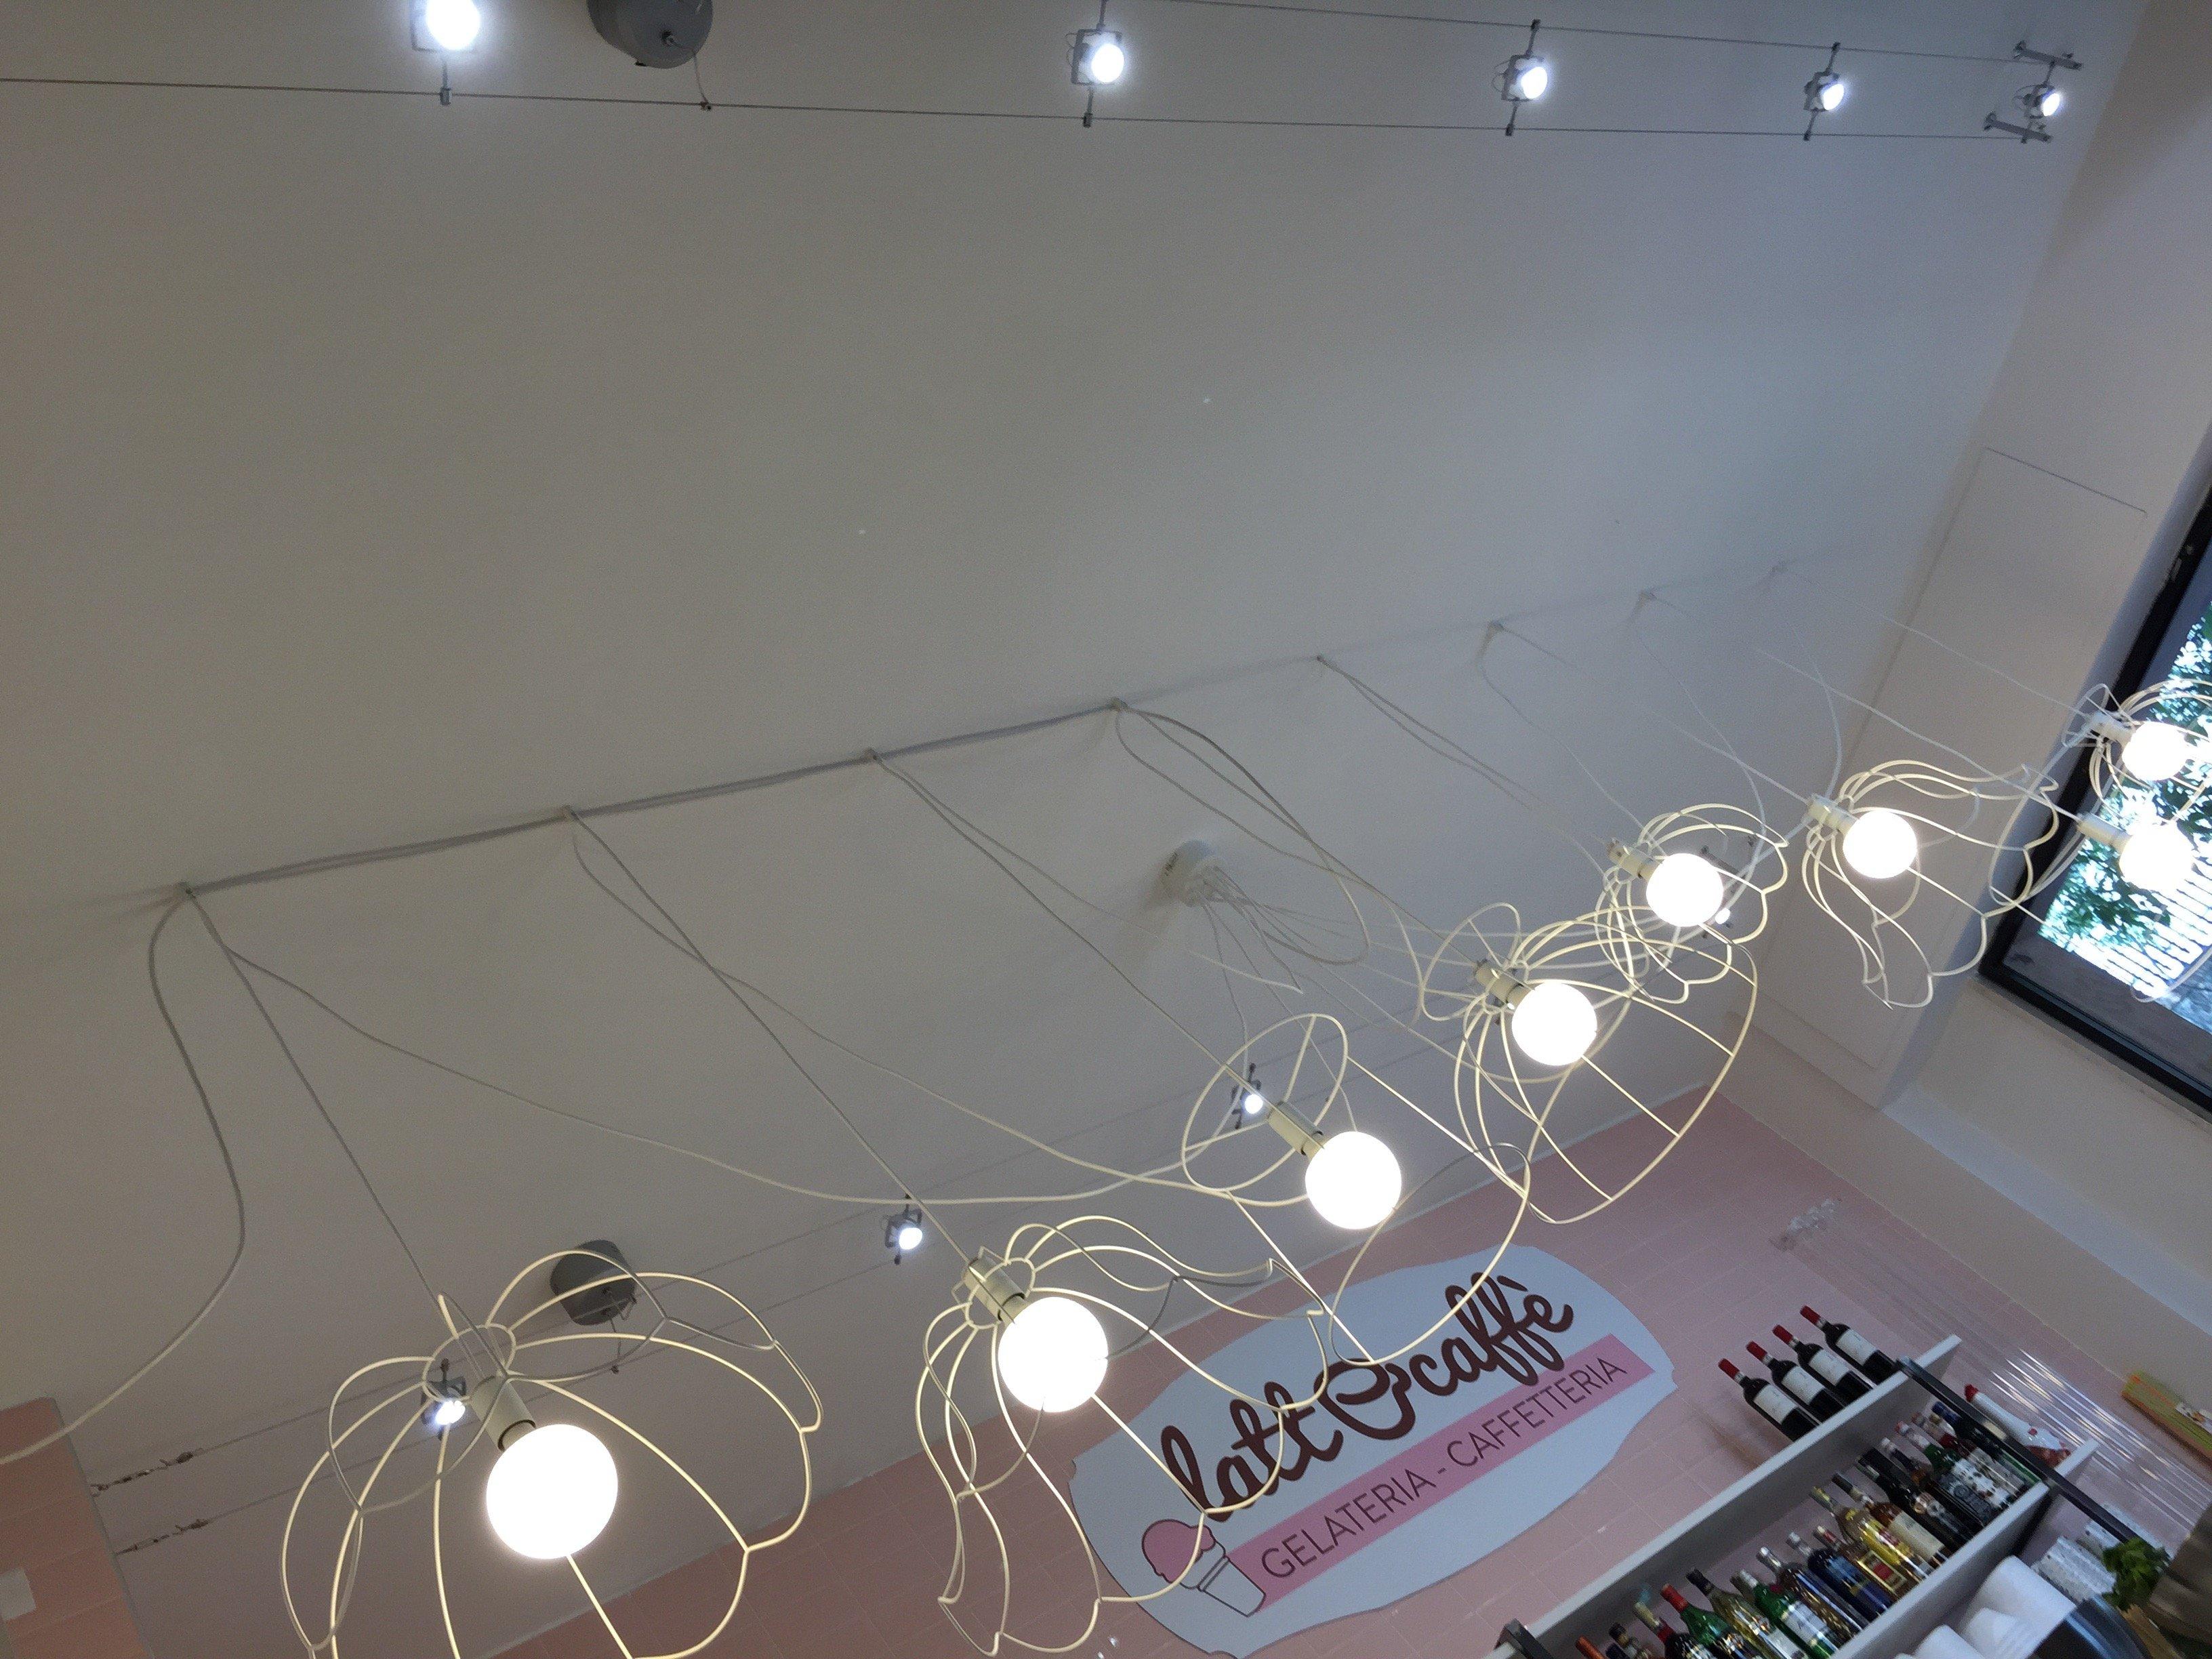 installazione sorgenti luminose Elettrozena Genova